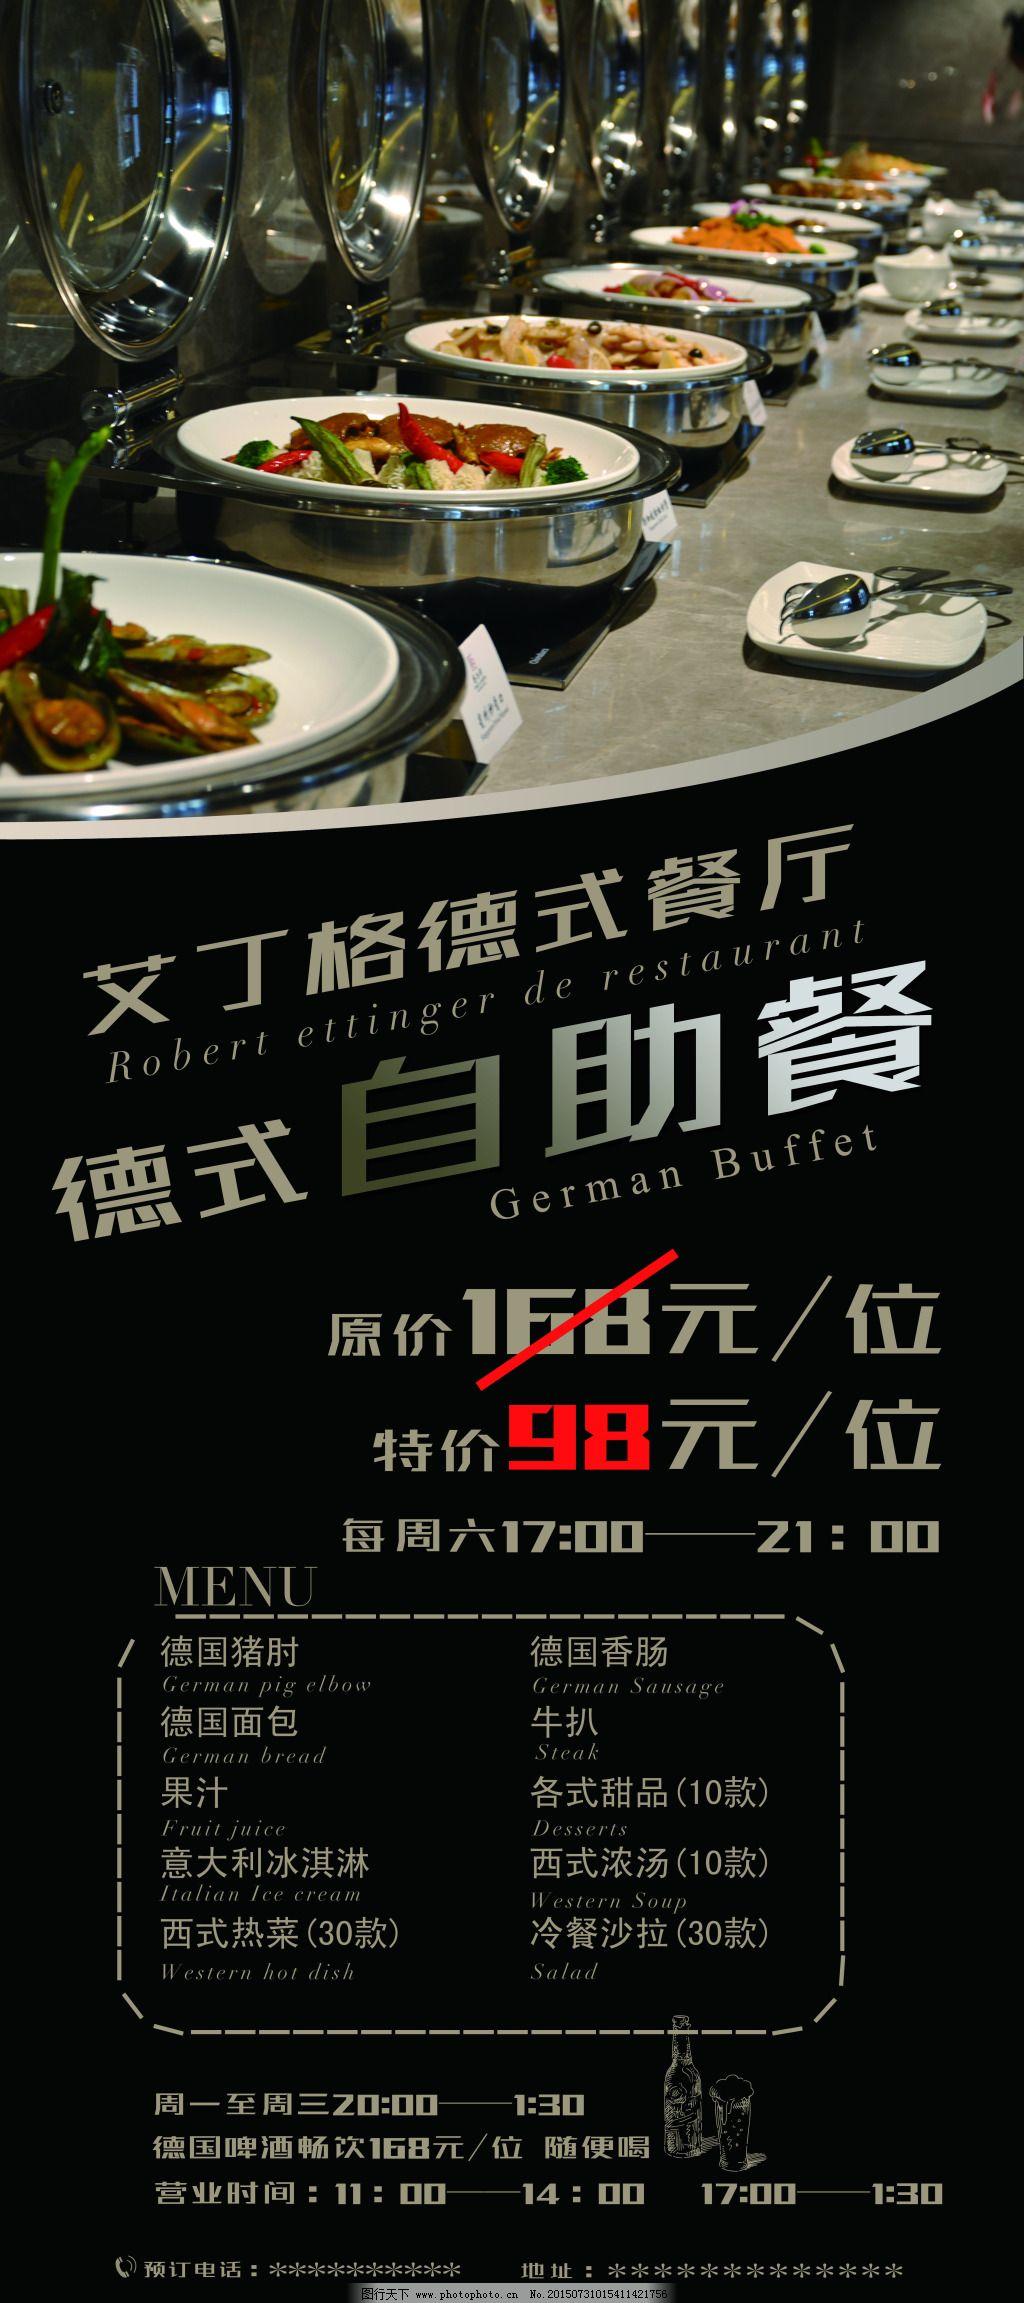 餐饮 展架 自助餐 自助餐 展架 餐饮 德式餐厅 原创设计 原创展板图片